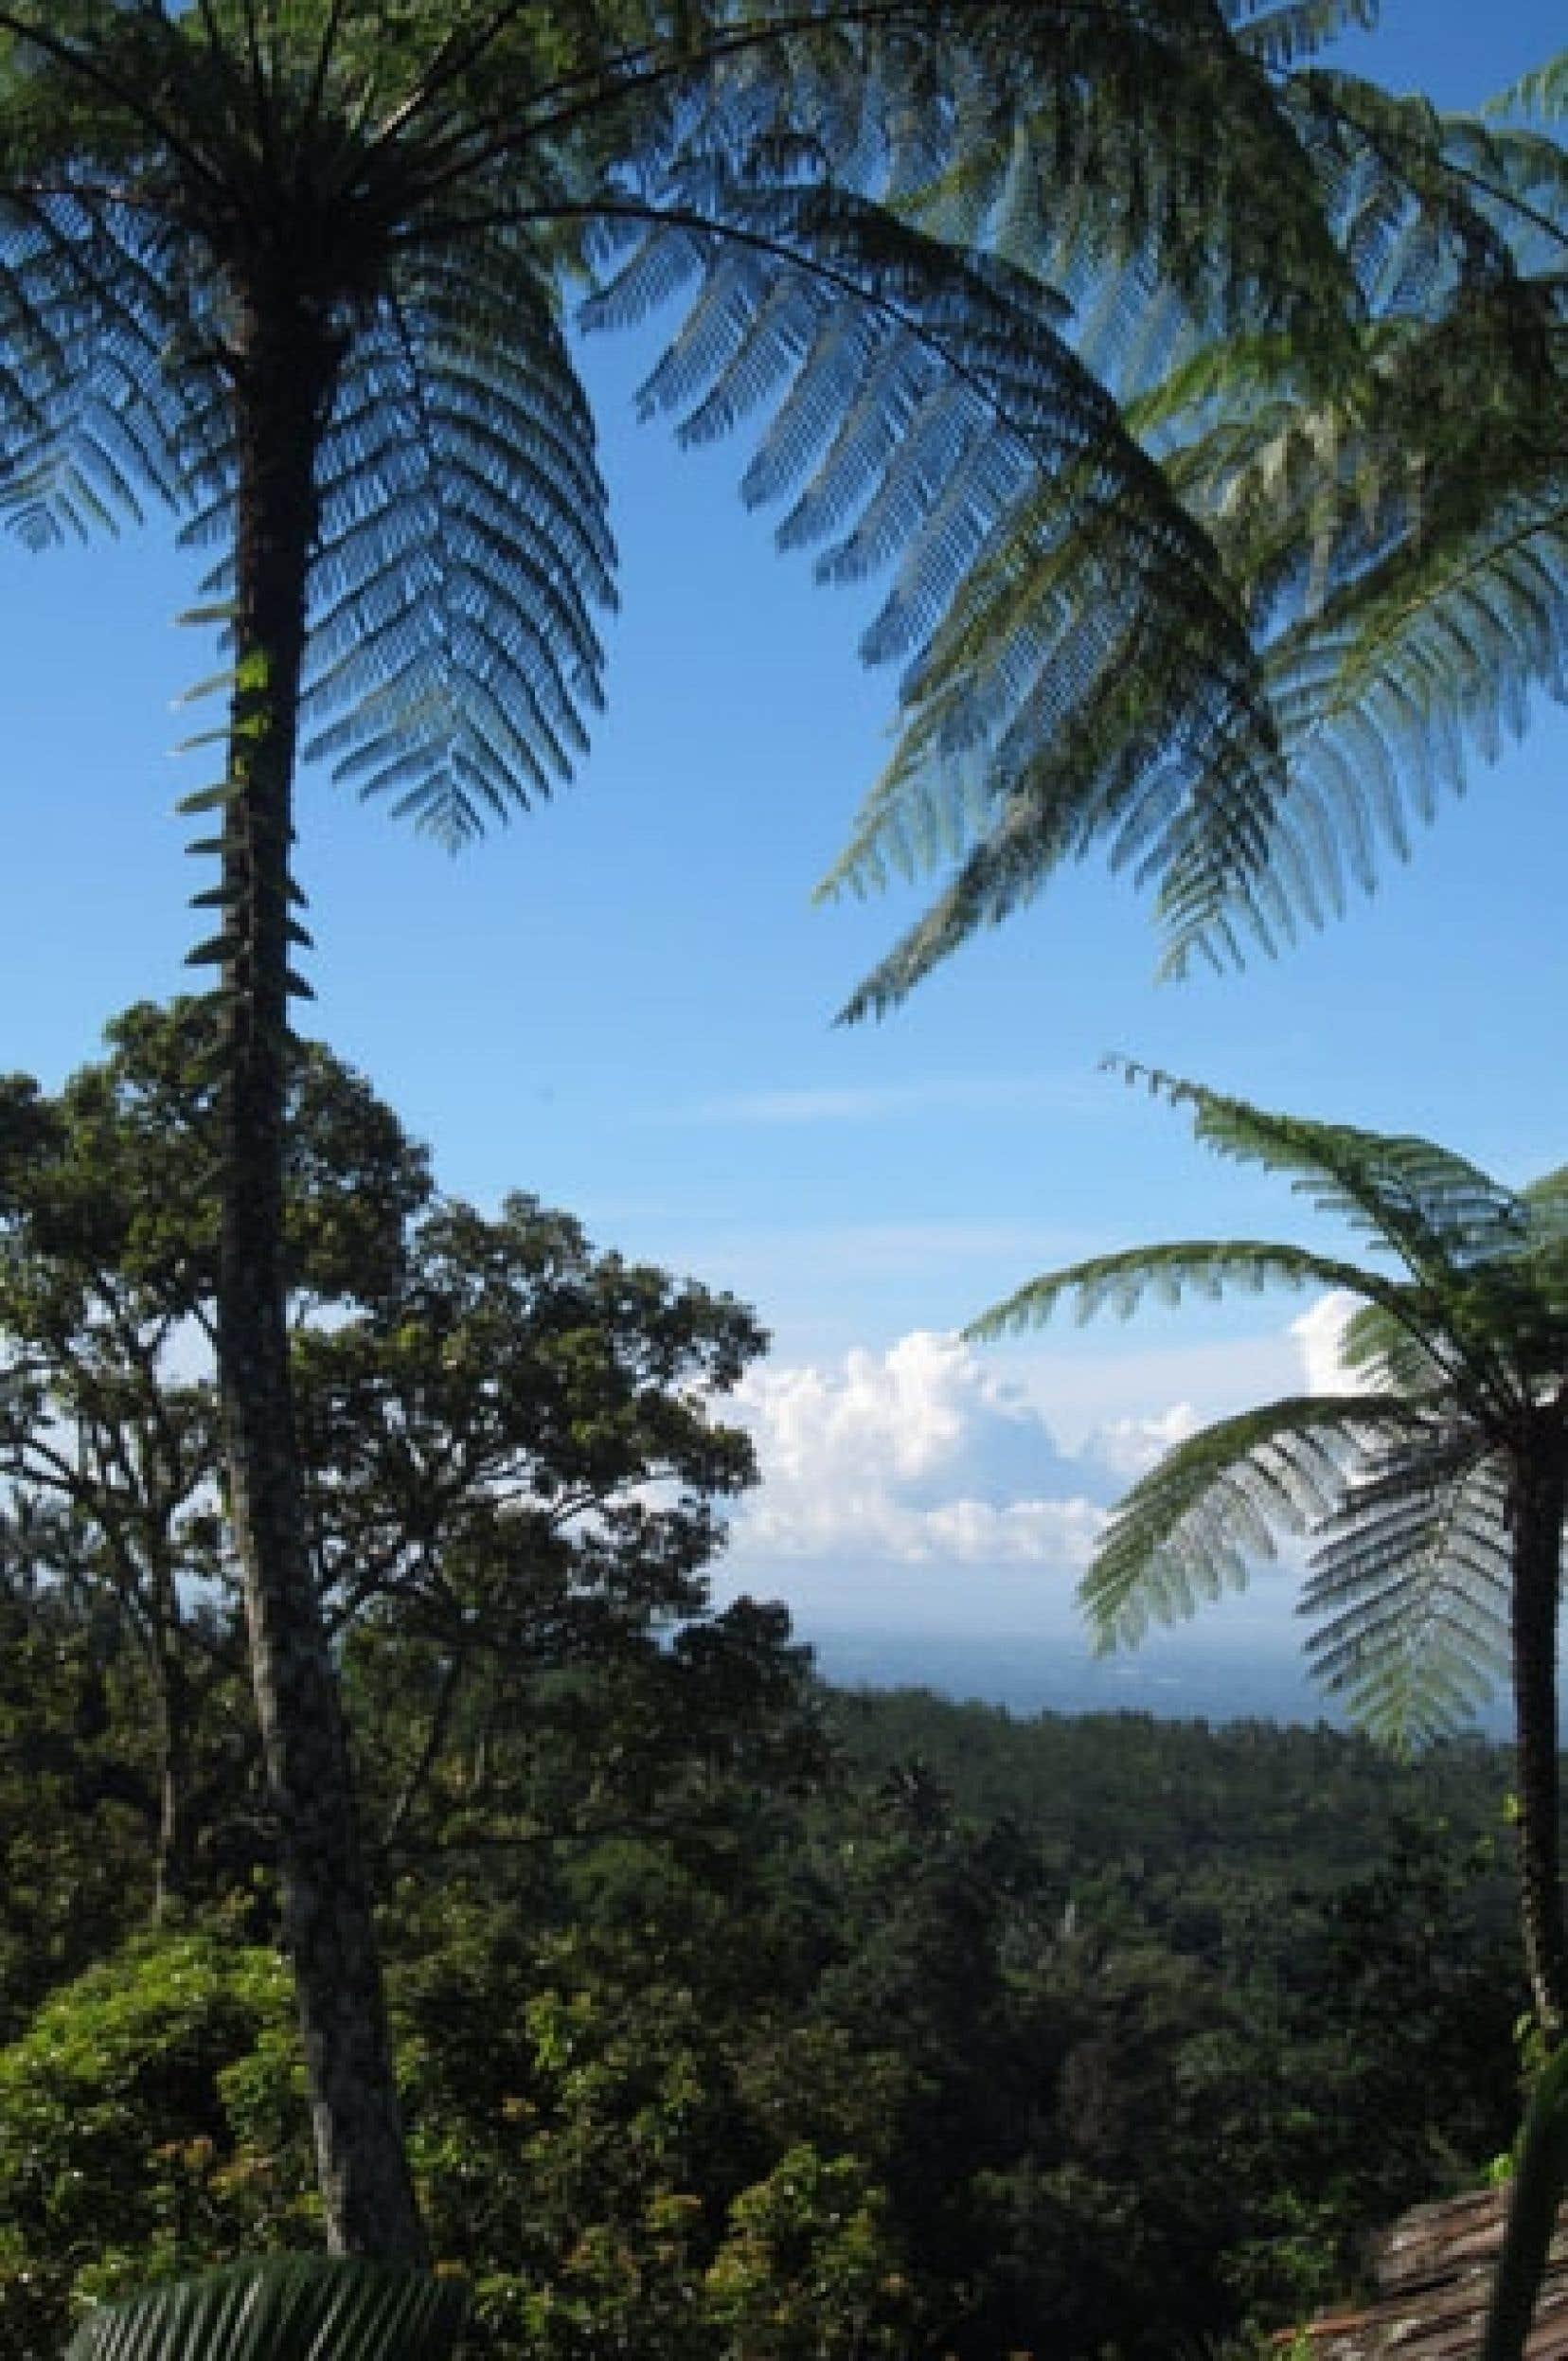 Une vue imprenable depuis le Sarinbuana Eco Lodge. Ci-dessous, à gauche: l'île jouit d'une végétation luxuriante digne de jardins d'Éden. À droite: un temple dans la région de Tabanan.